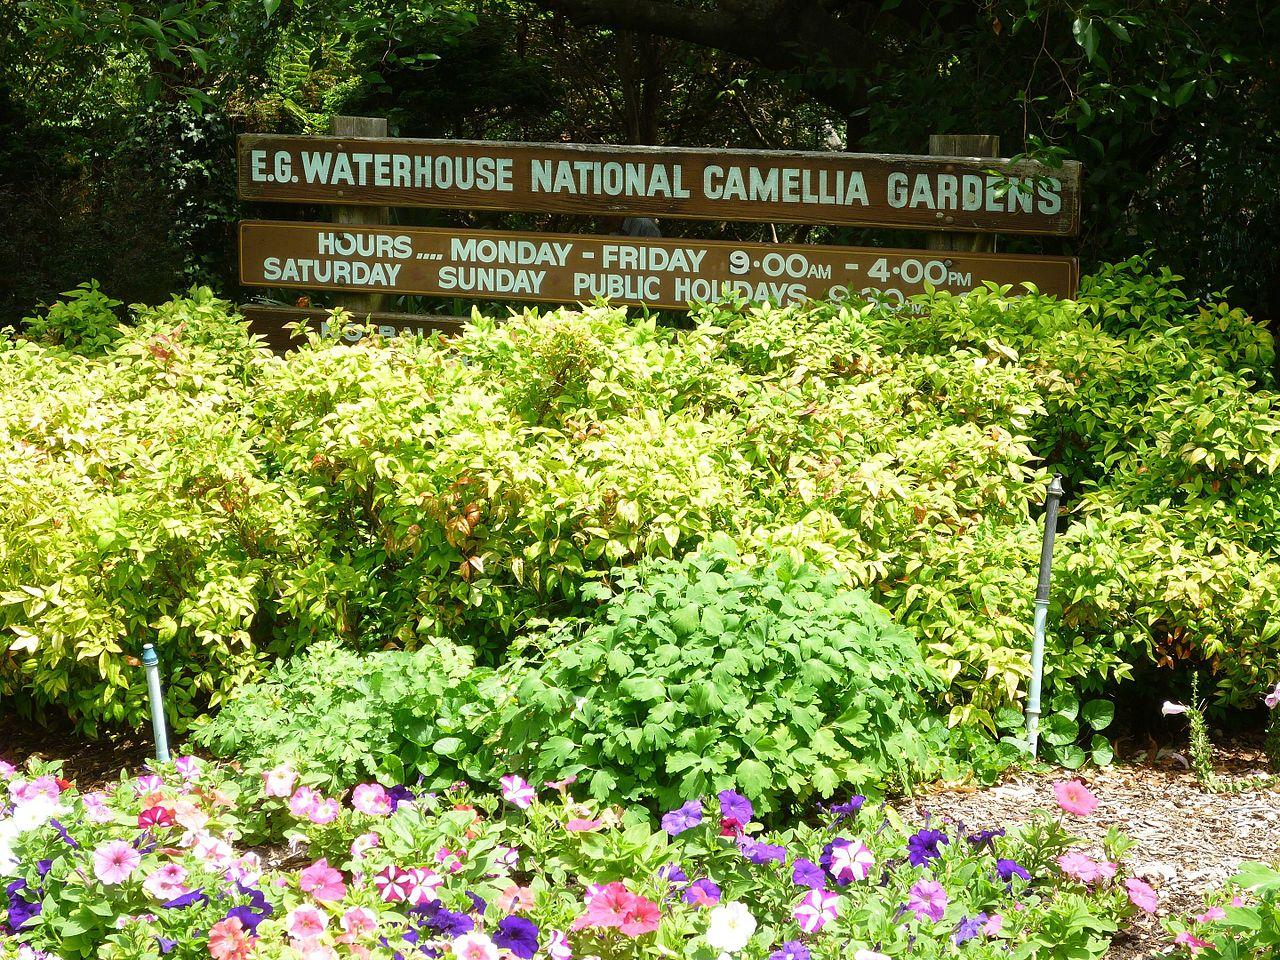 E. G.Waterhouse National Camellia Garden